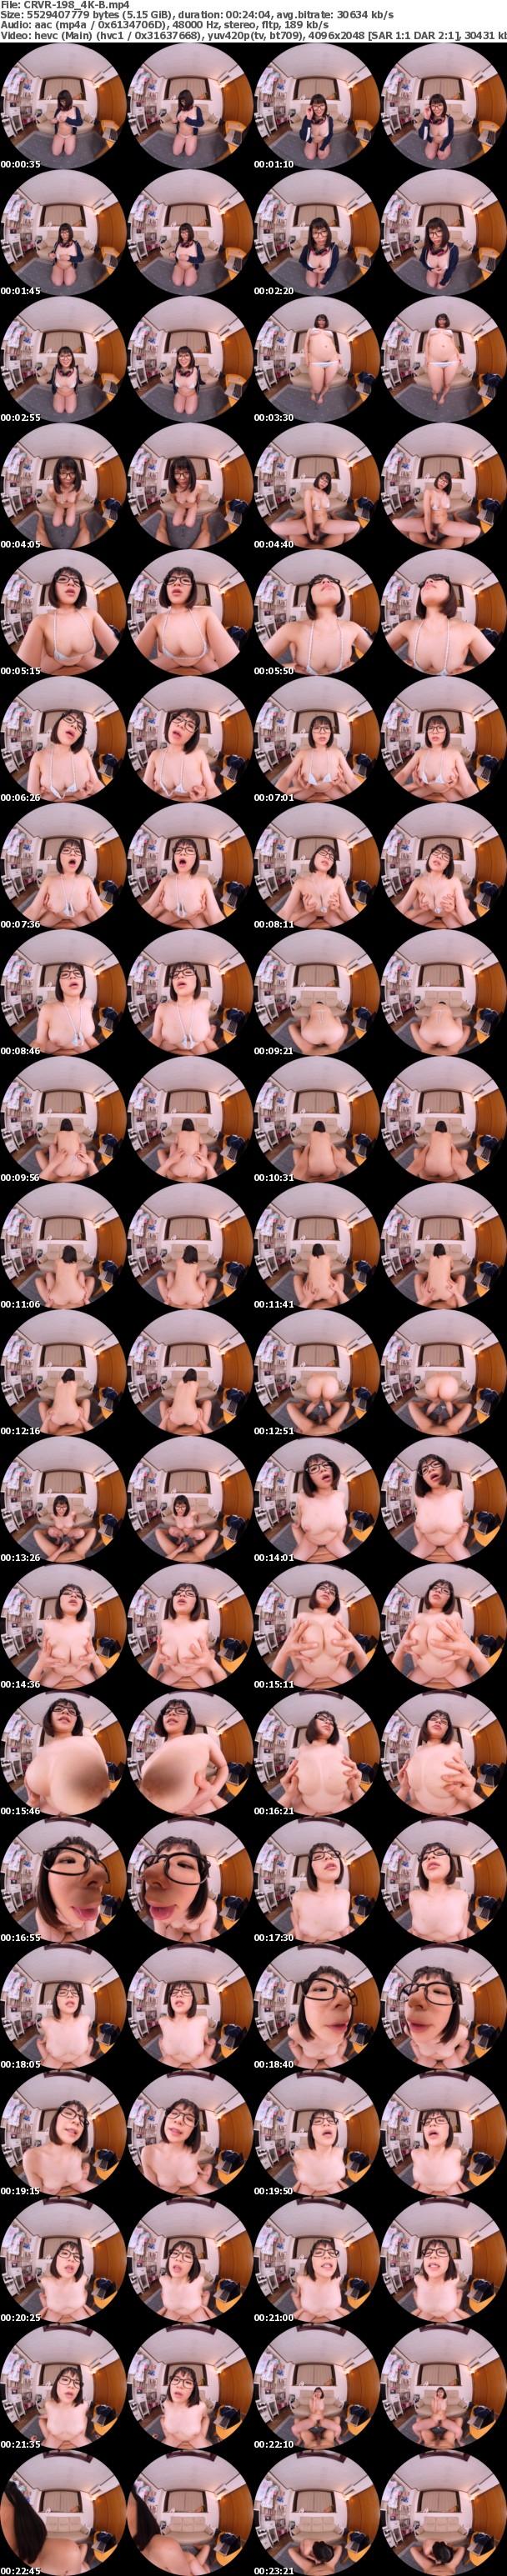 (VR) (4K) CRVR-198 佐藤りこ 射精7回!!二週間のオナ禁で溜まりに溜まった精子…眼鏡で巨乳なセフレ相手に思う存分放出させていただきました!!